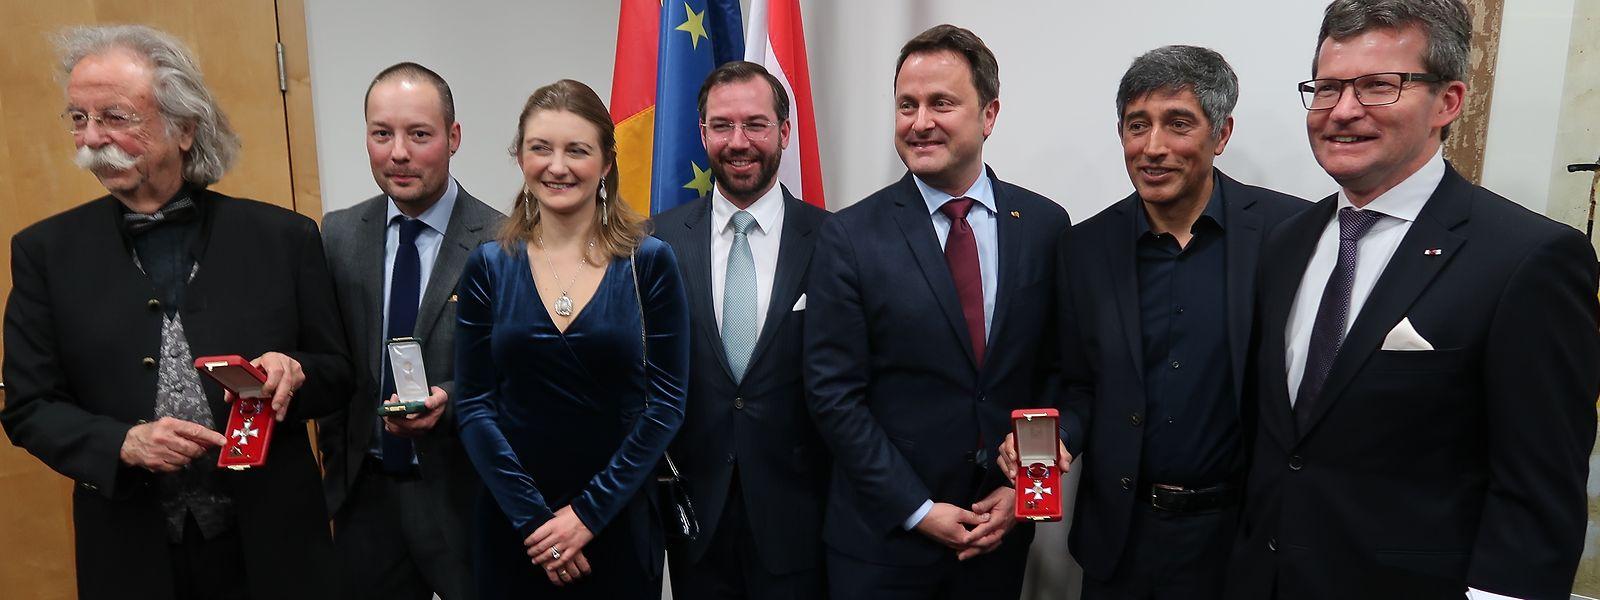 Photo de groupe de la cérémonie: Jean Pütz, Tom Hillenbrand, la princesse Stéphanie, le prince Guillaume, le Premier ministre Xavier Bettel, Ranga Yogeshwar et l'ambassadeur du Luxembourg à Berlin, Jean Graff.